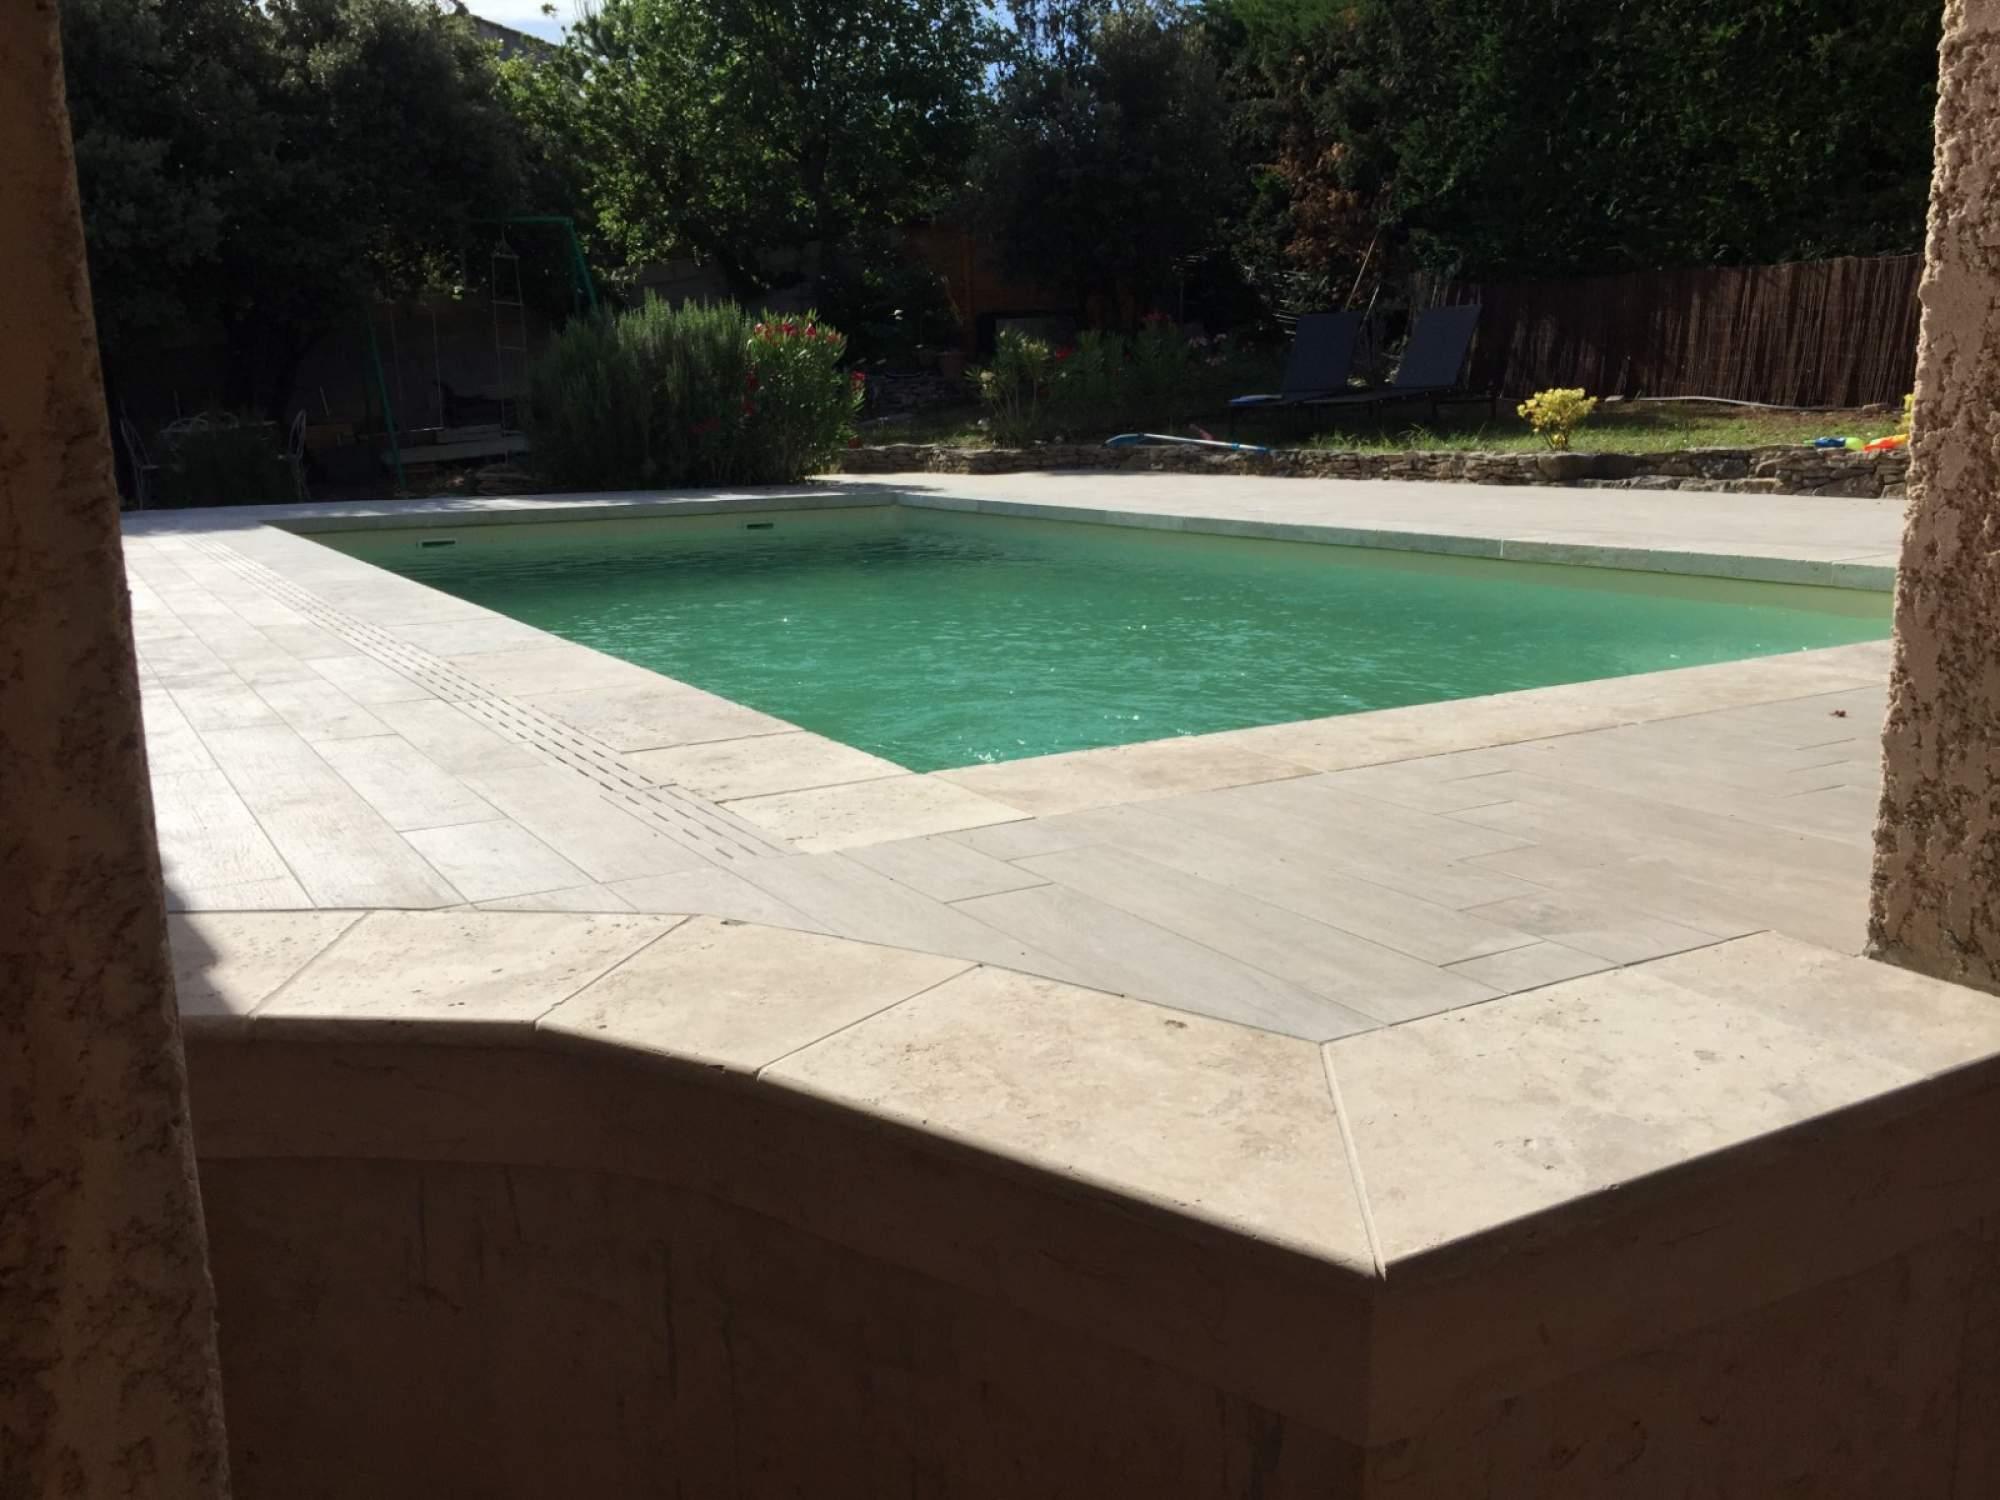 Design piscine carrelage rouge 27 saint etienne piscine molitor bar piscine hors sol - Abri piscine hors sol saint etienne ...